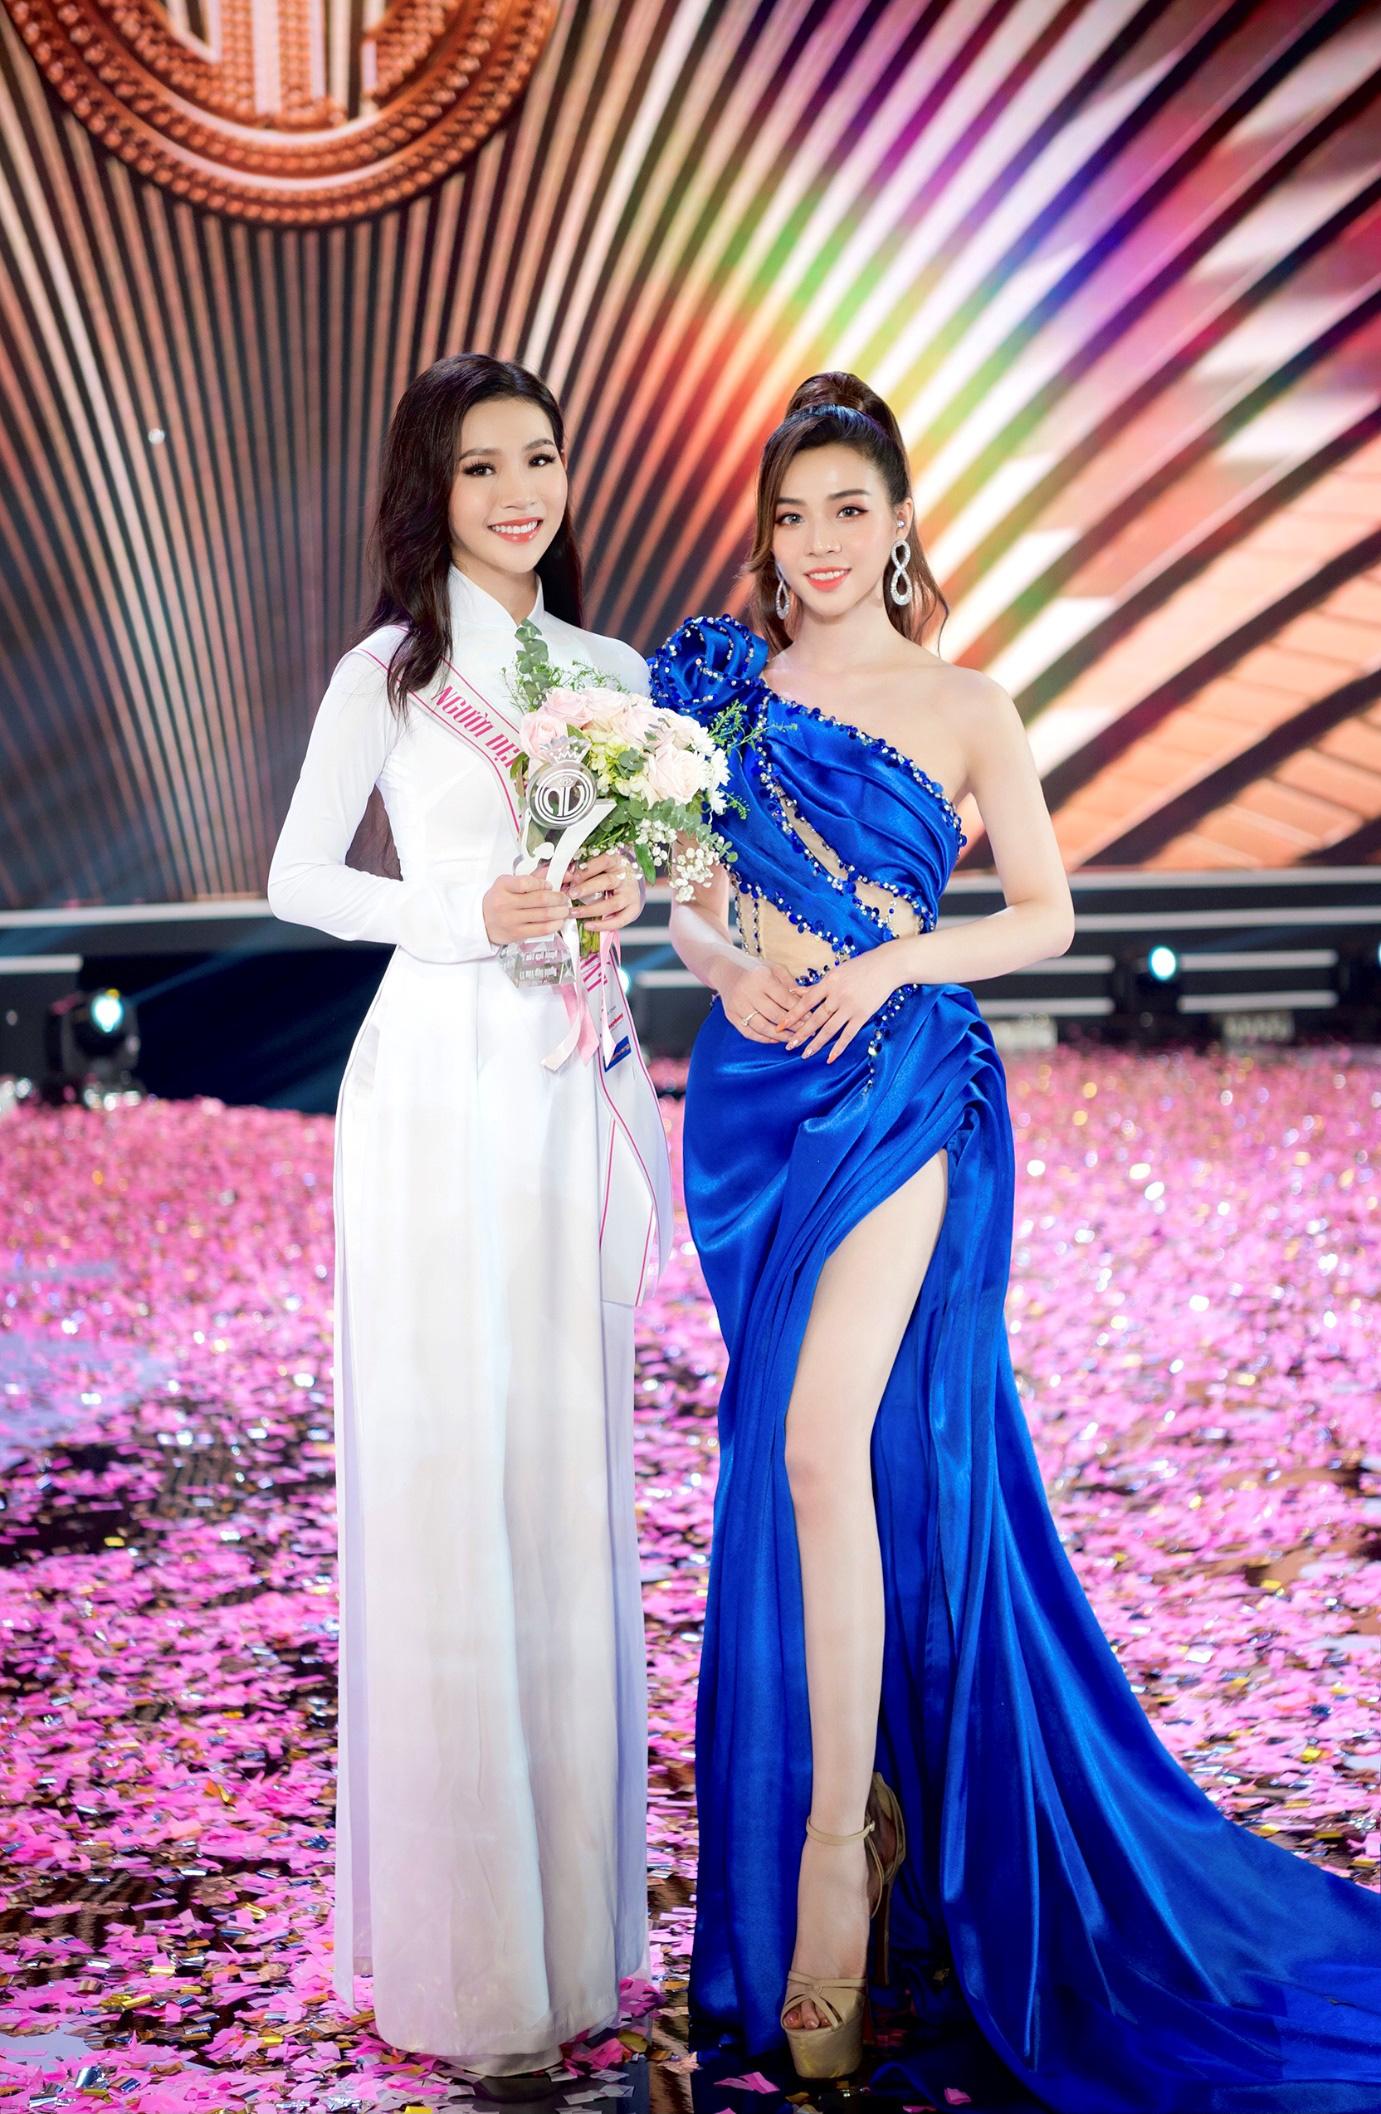 Đậu Hải Minh Anh: Giải thưởng Người đẹp được yêu thích nhất là dấu mốc đời tôi - Ảnh 6.